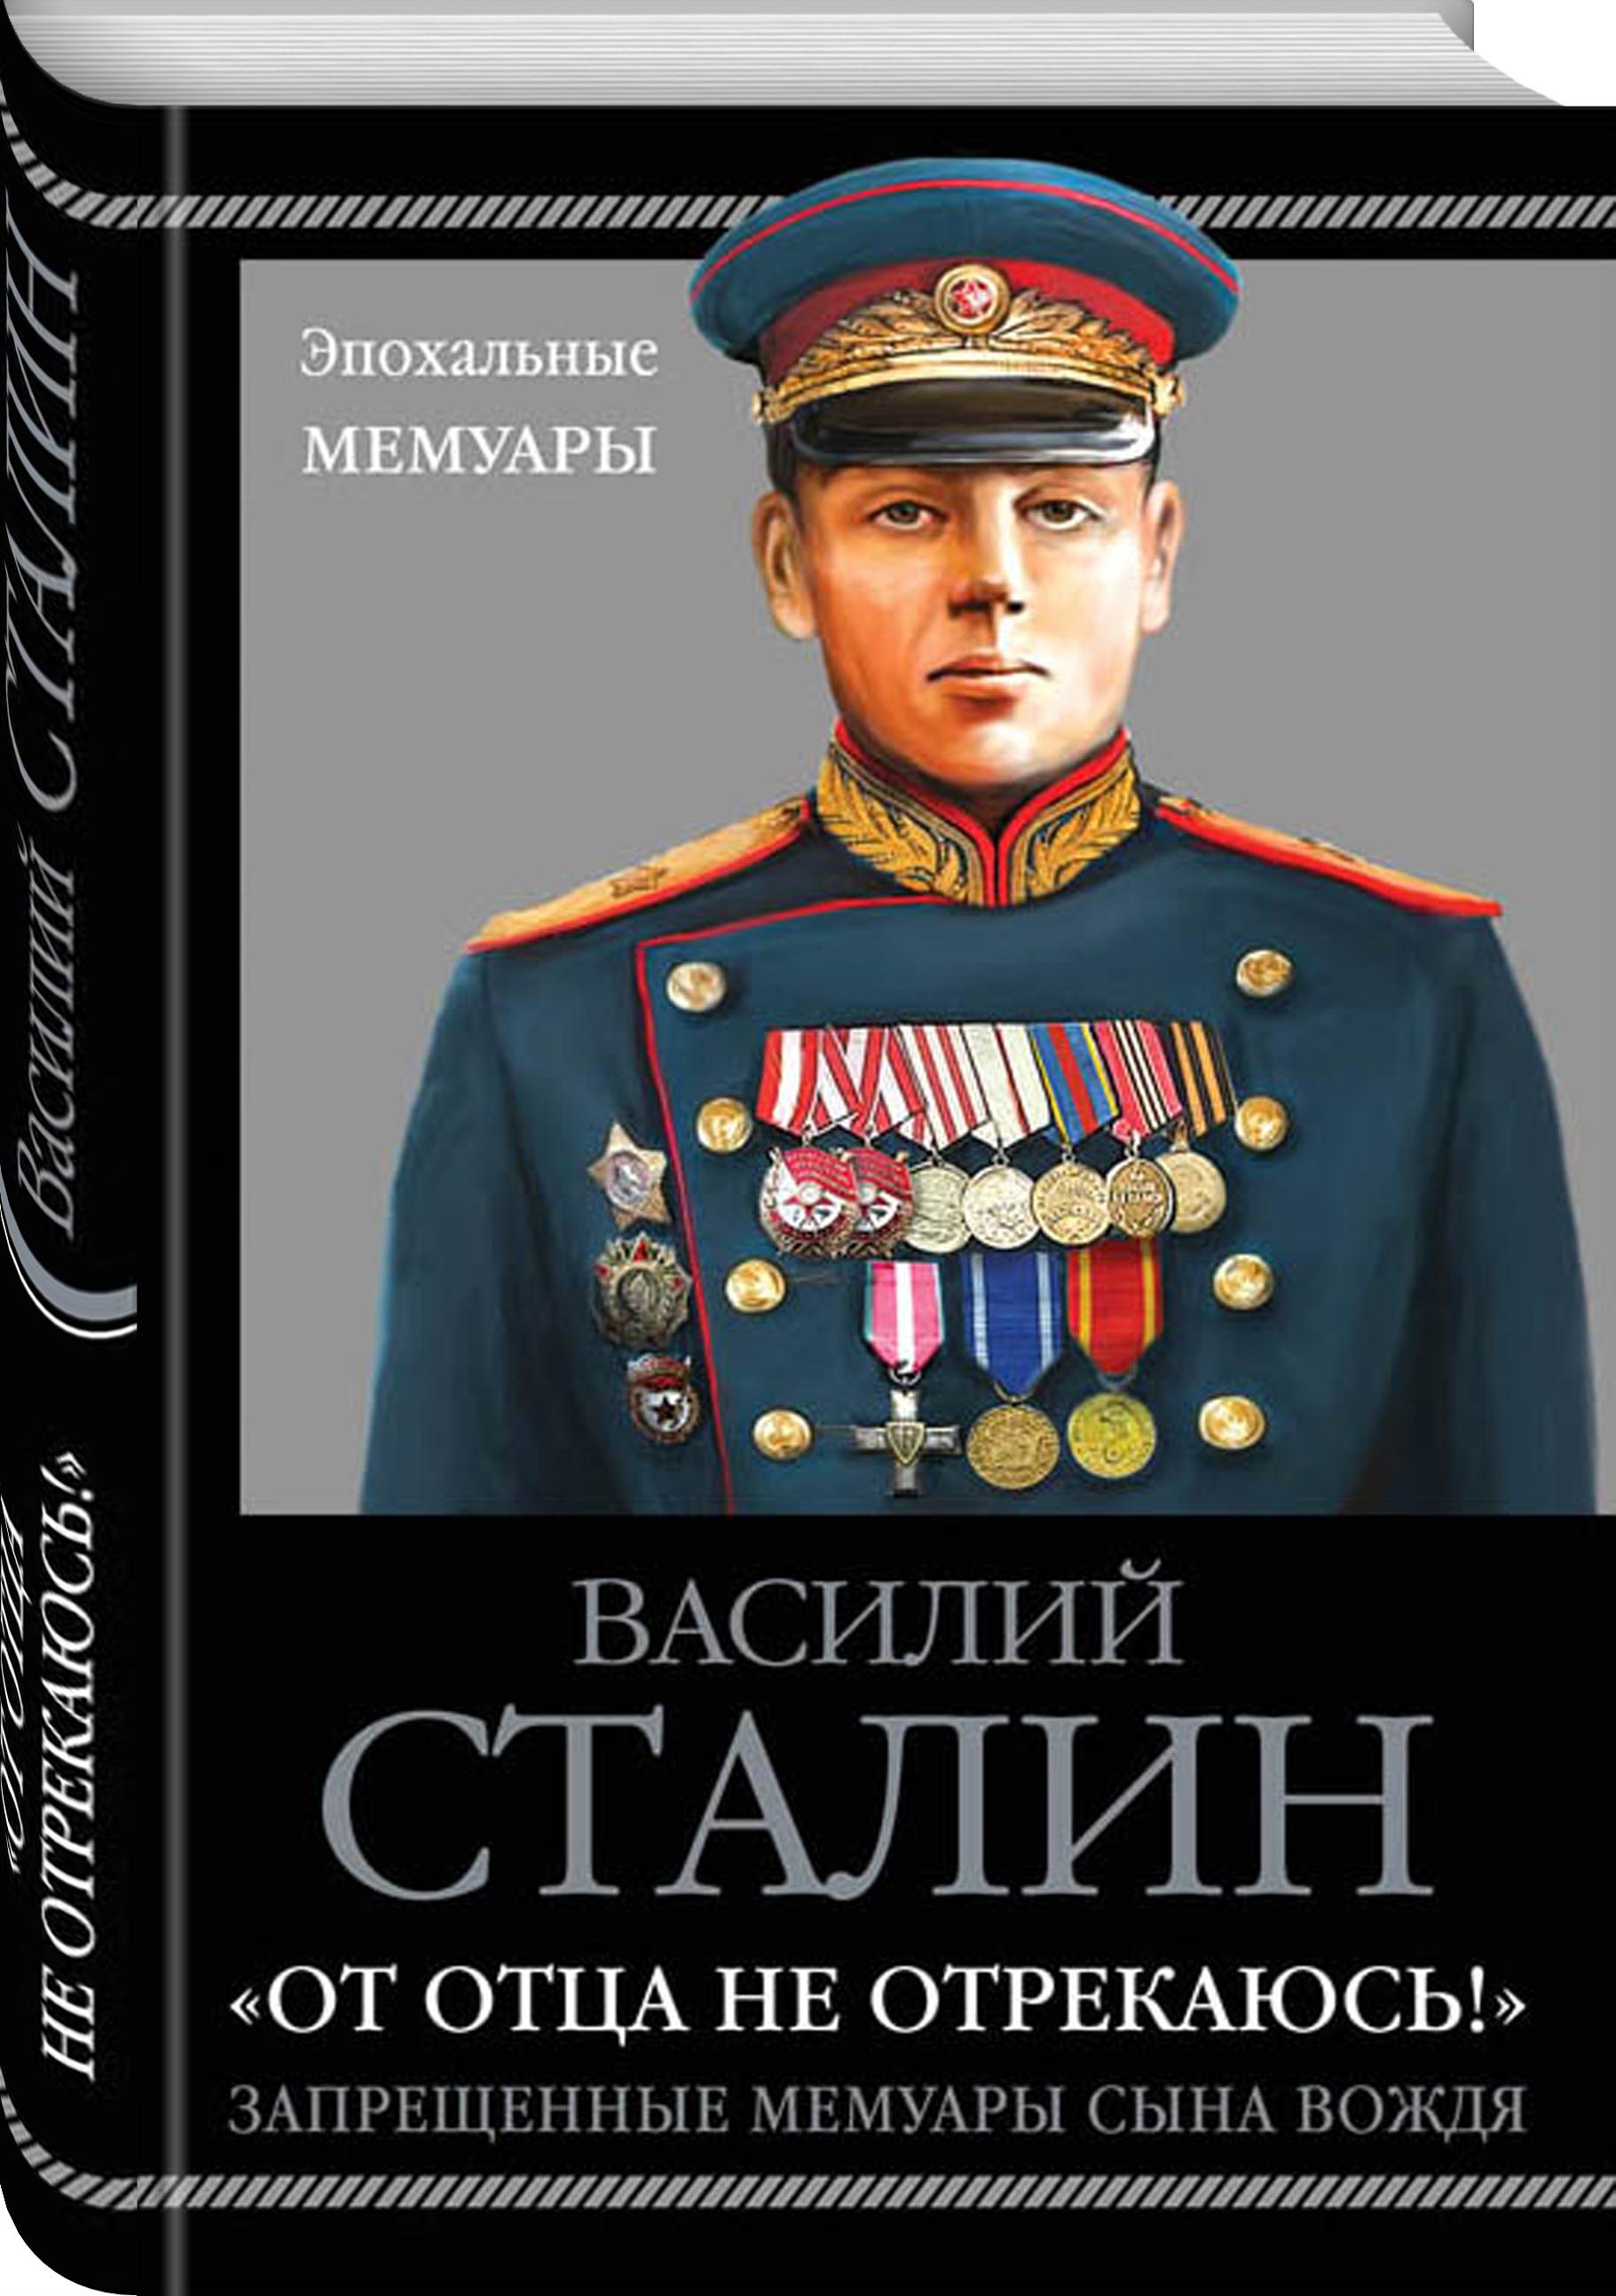 купить Василий Сталин «От отца не отрекаюсь!» Запрещенные мемуары сына Вождя недорого